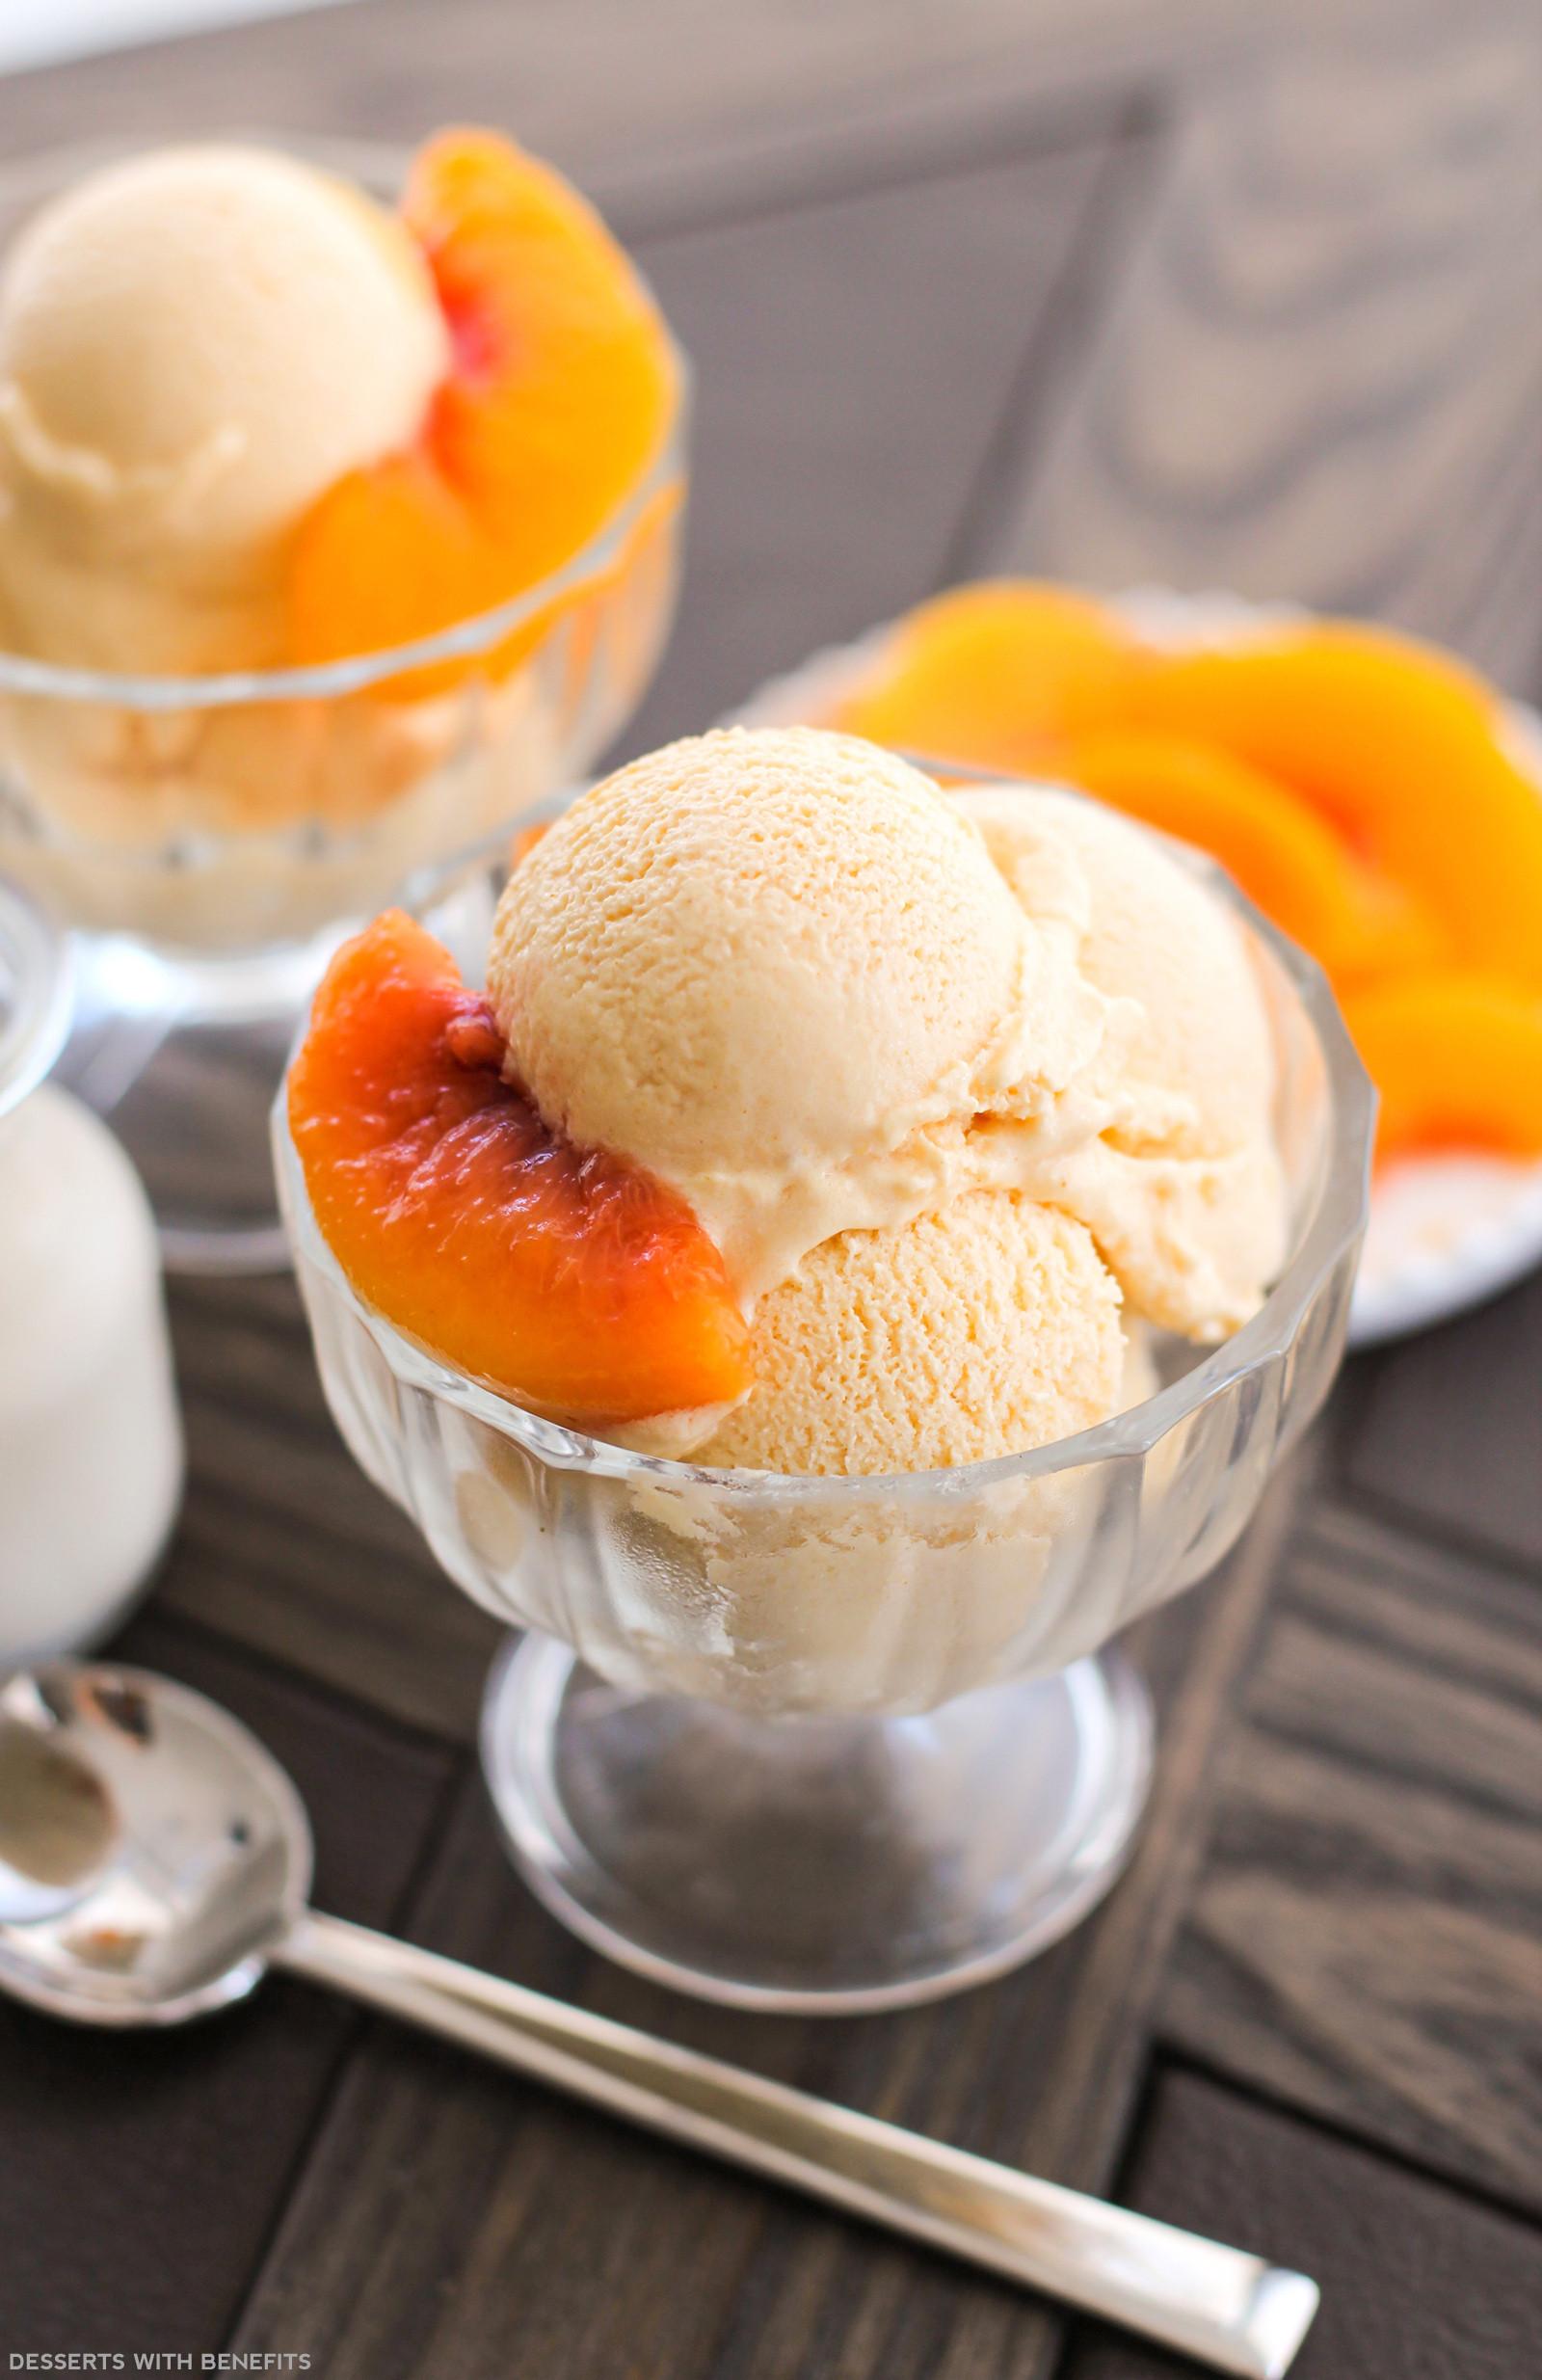 Healthy Peach Desserts  Healthy Peaches and Cream Ice Cream Recipe No Sugar Added